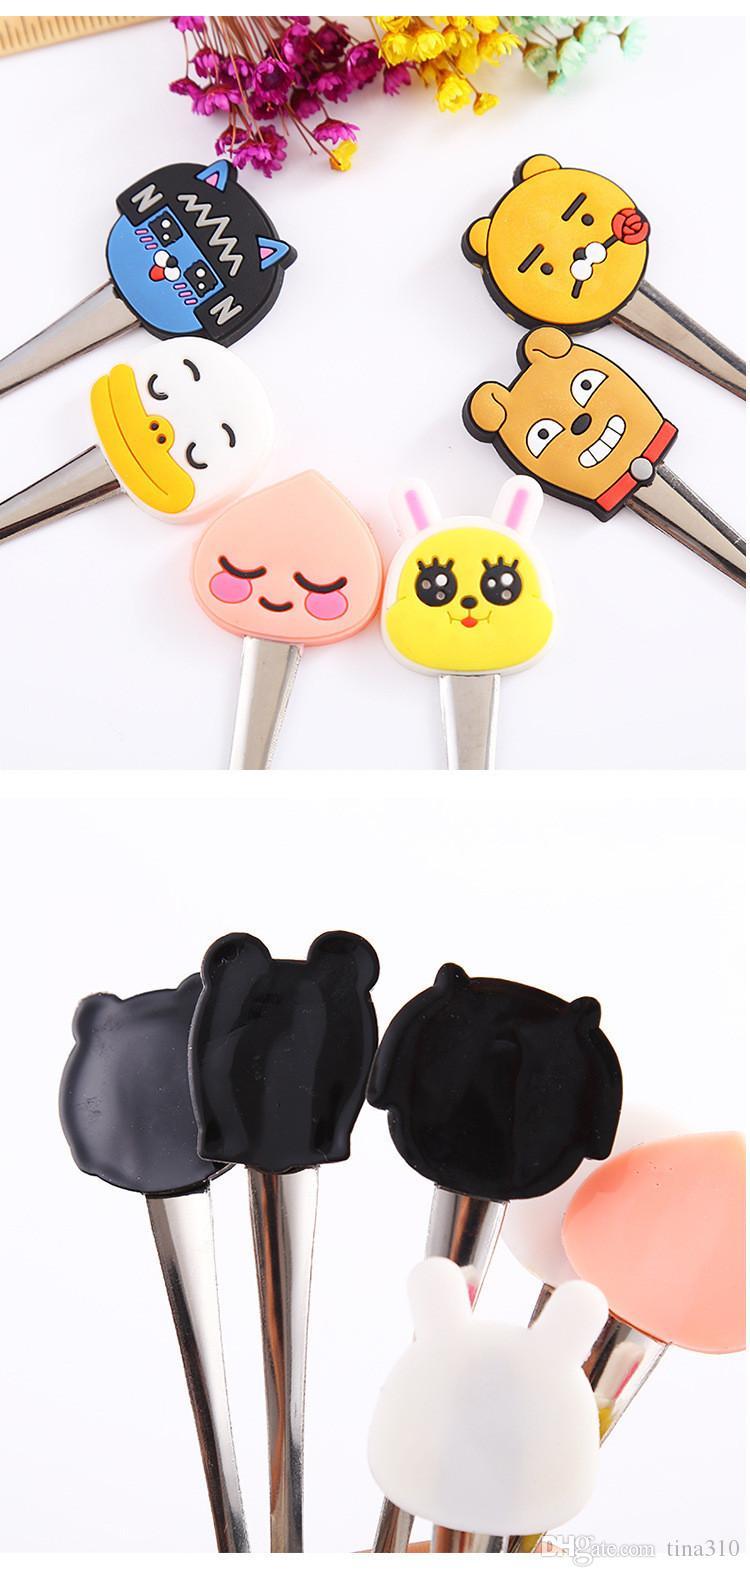 Nuova vendita calda in acciaio inox stoviglie di fumetto a forma di animale bambini cucchiaio da minestra caffè mescolando cucchiaio IA952